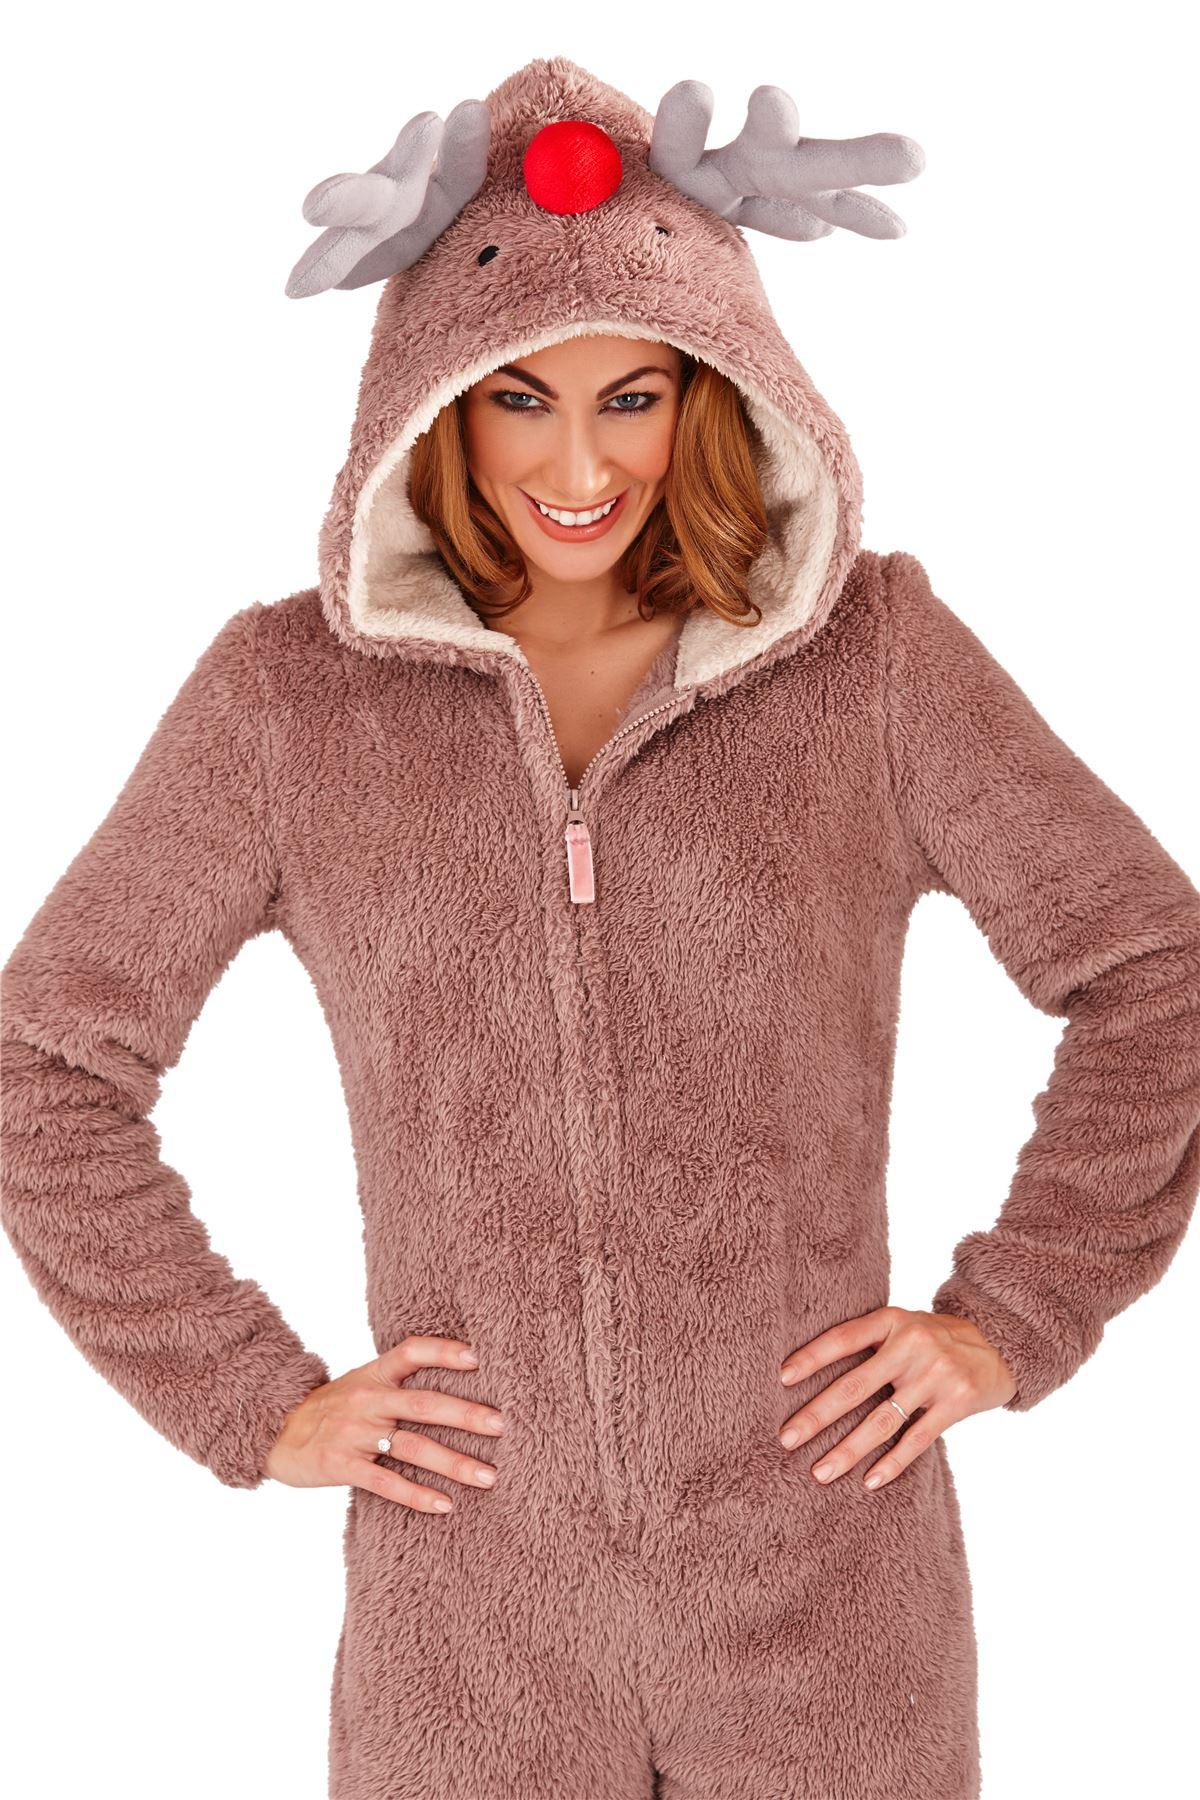 loungeable ladies adult animal onesie jumpsuit koala bear teddy pyjama nightwear ebay. Black Bedroom Furniture Sets. Home Design Ideas